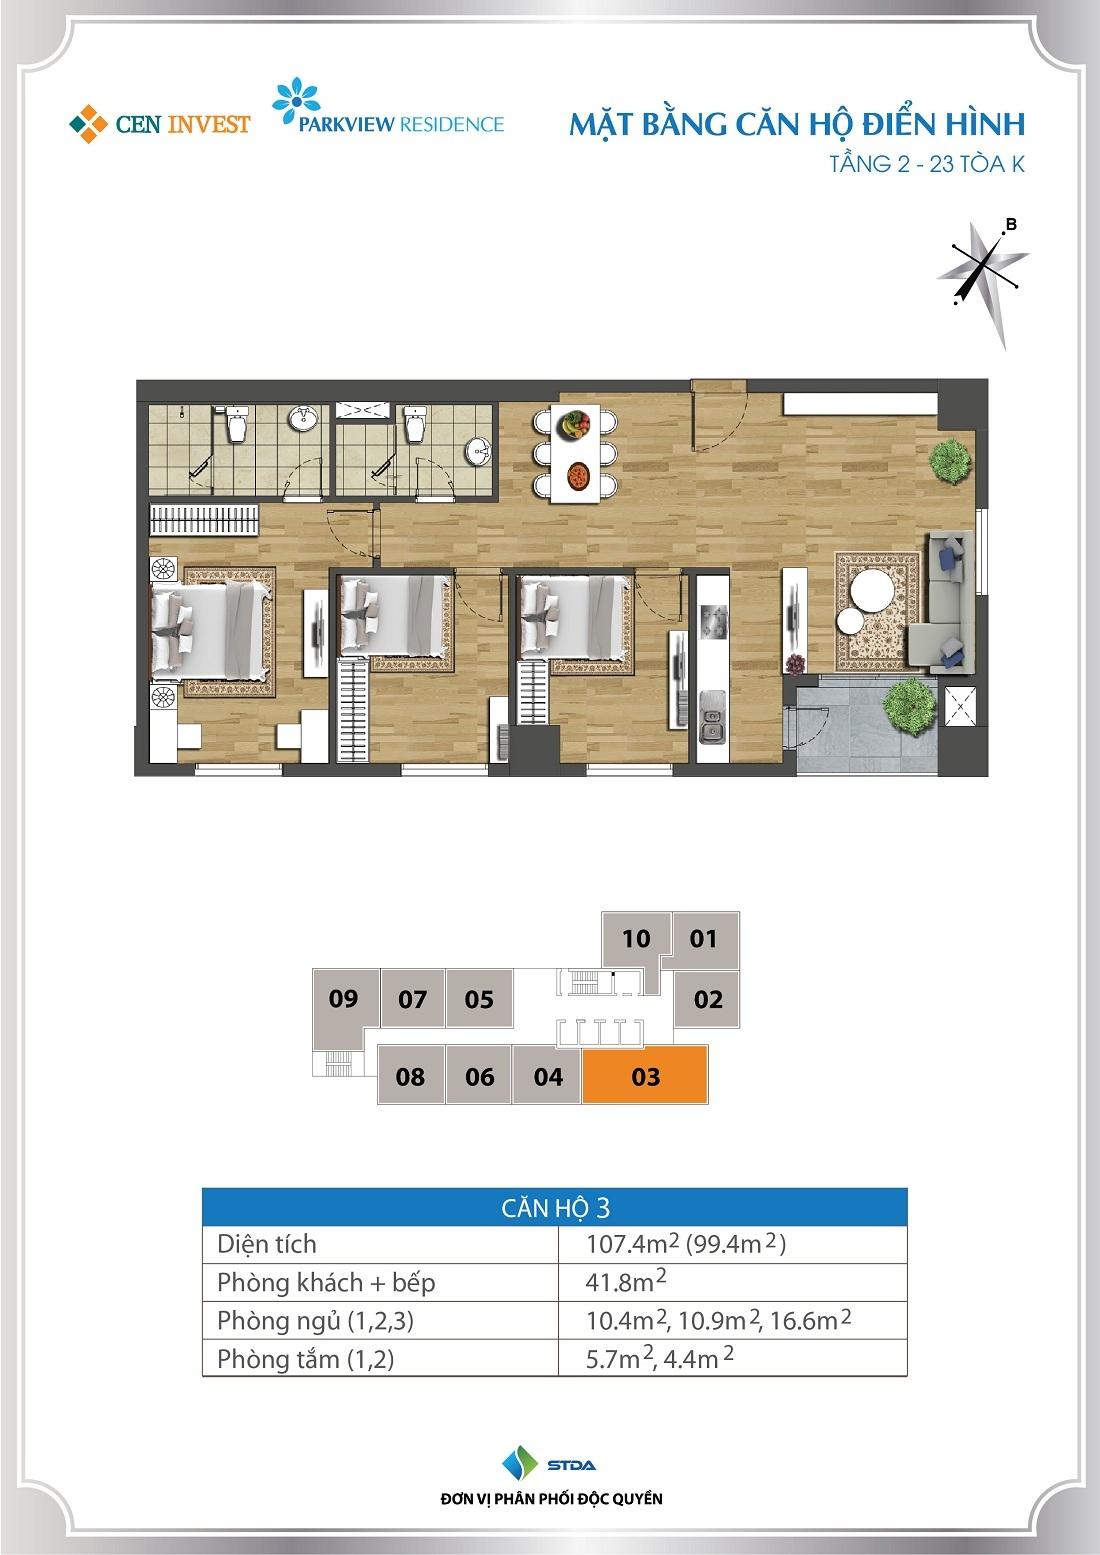 Thiết kế căn hộ 3 phòng ngủ tại Parkview Residence